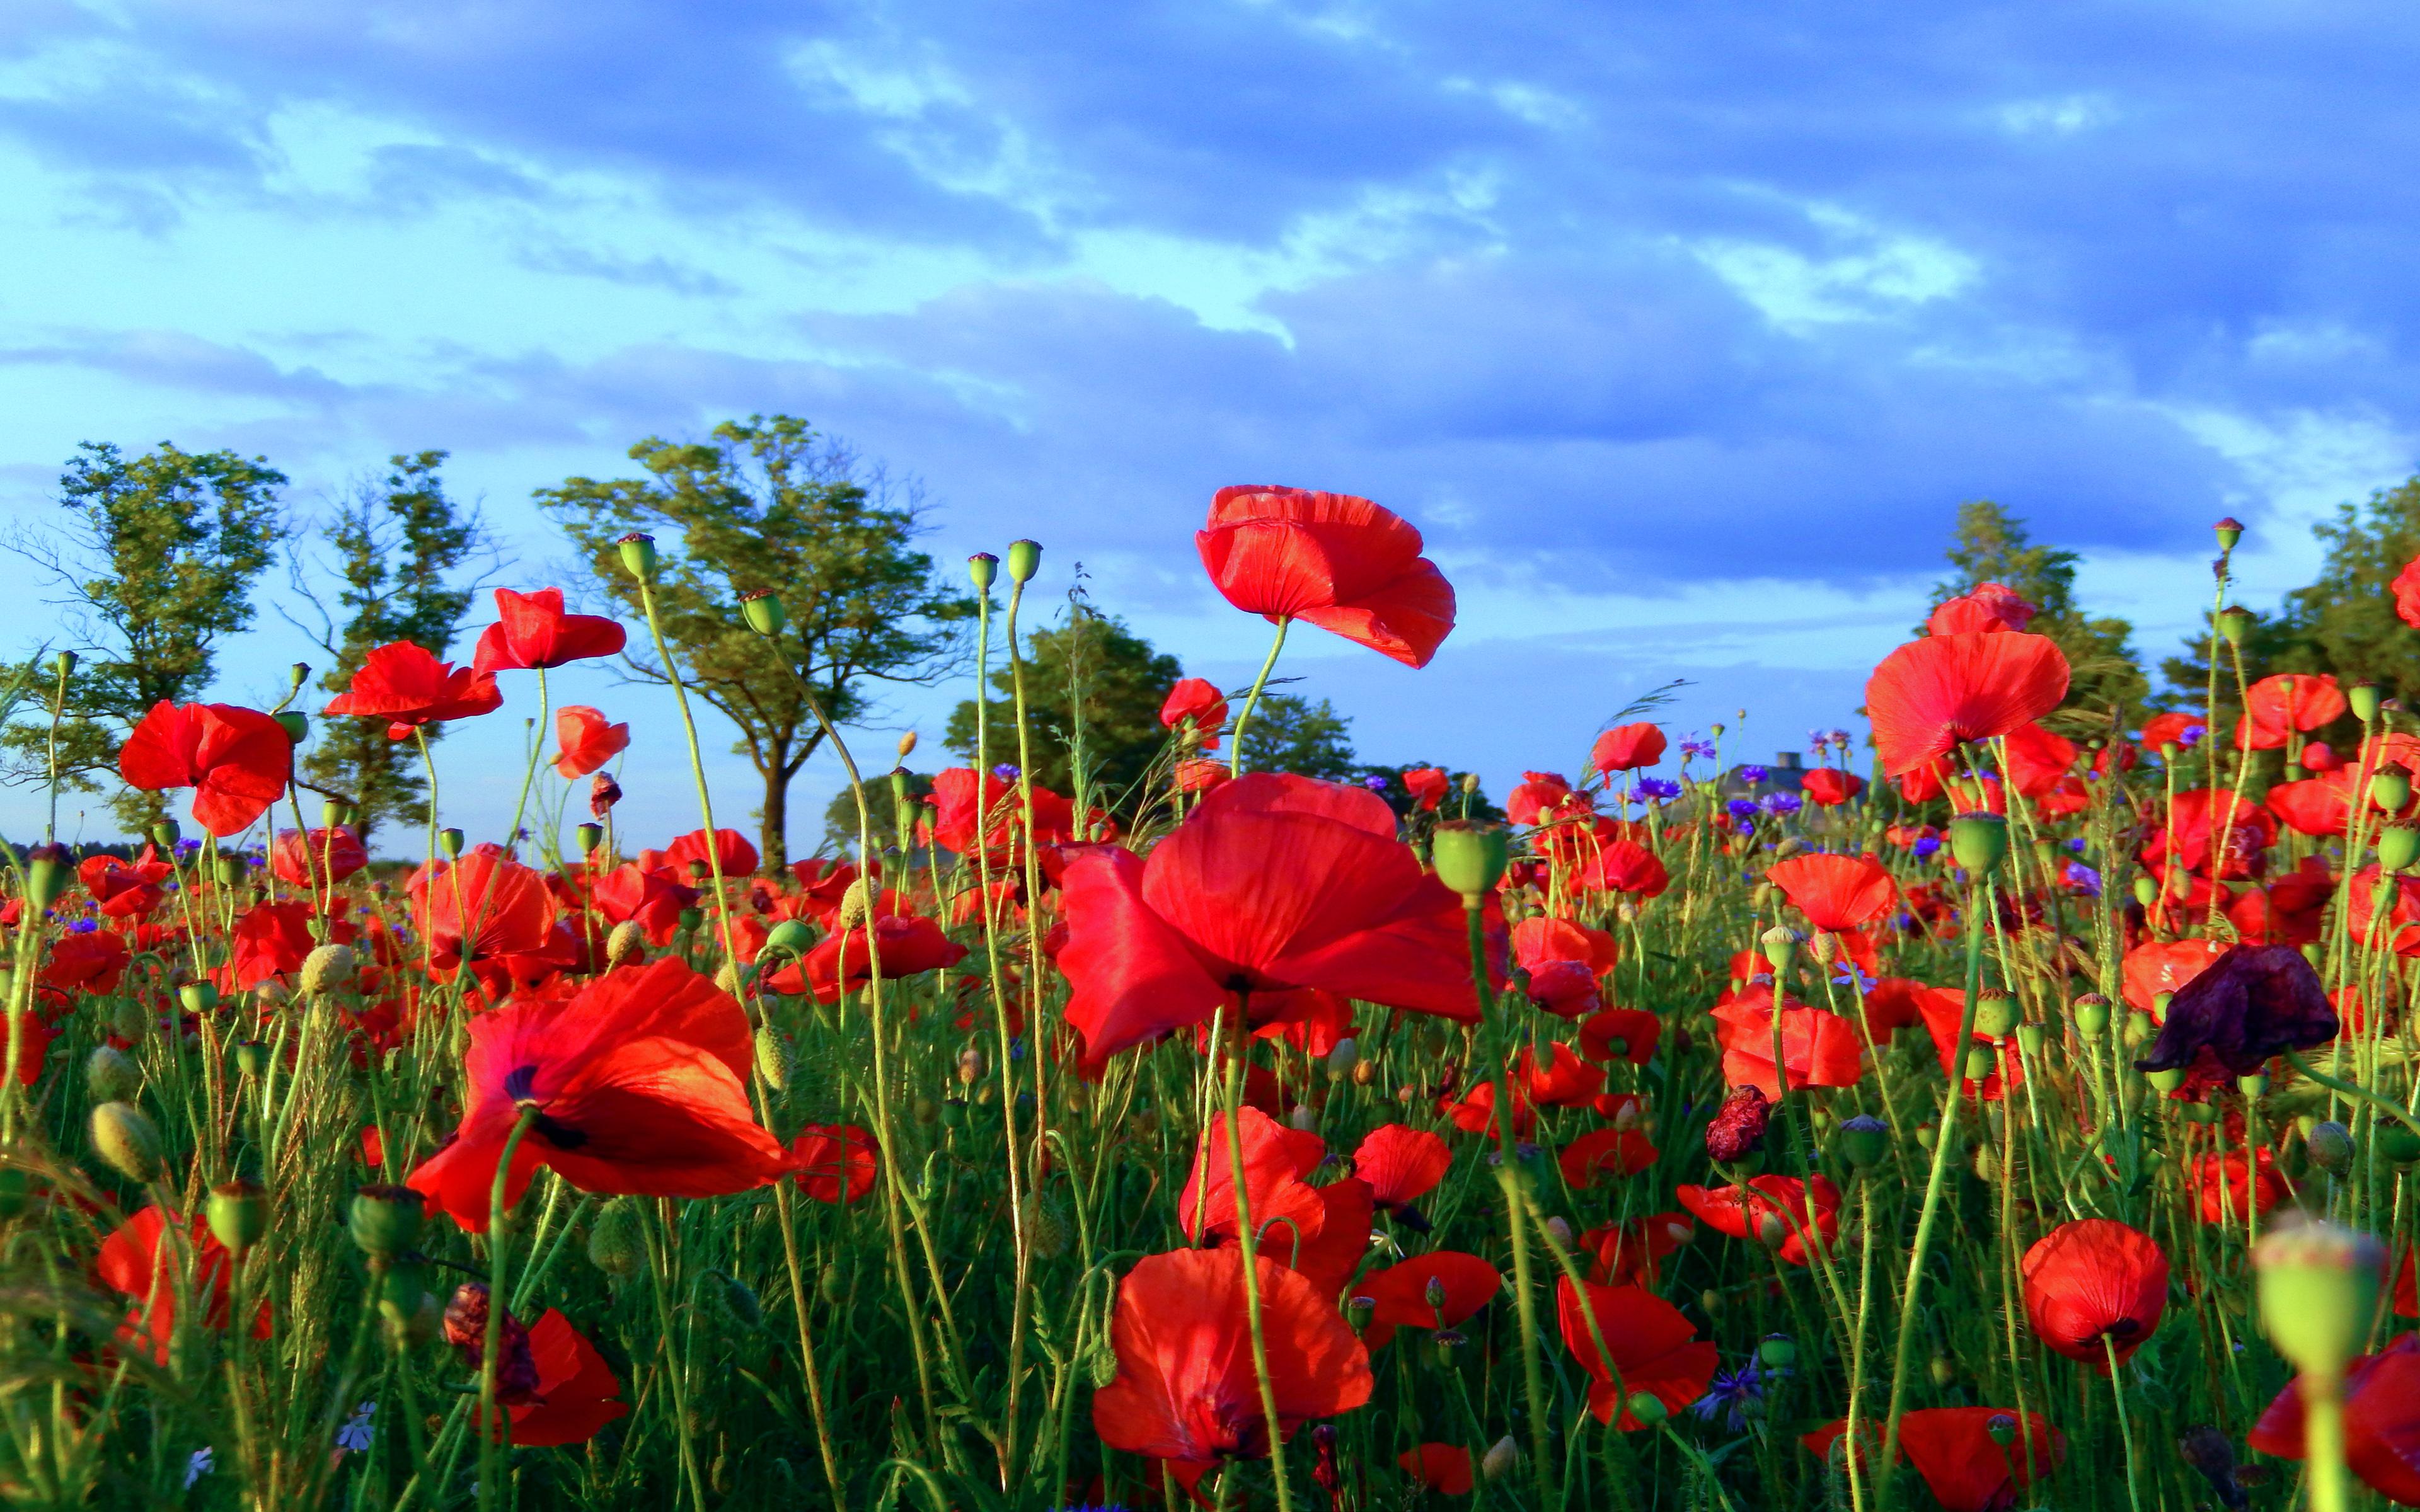 Poppy Field Red Flowers Wallpaper For Desktop